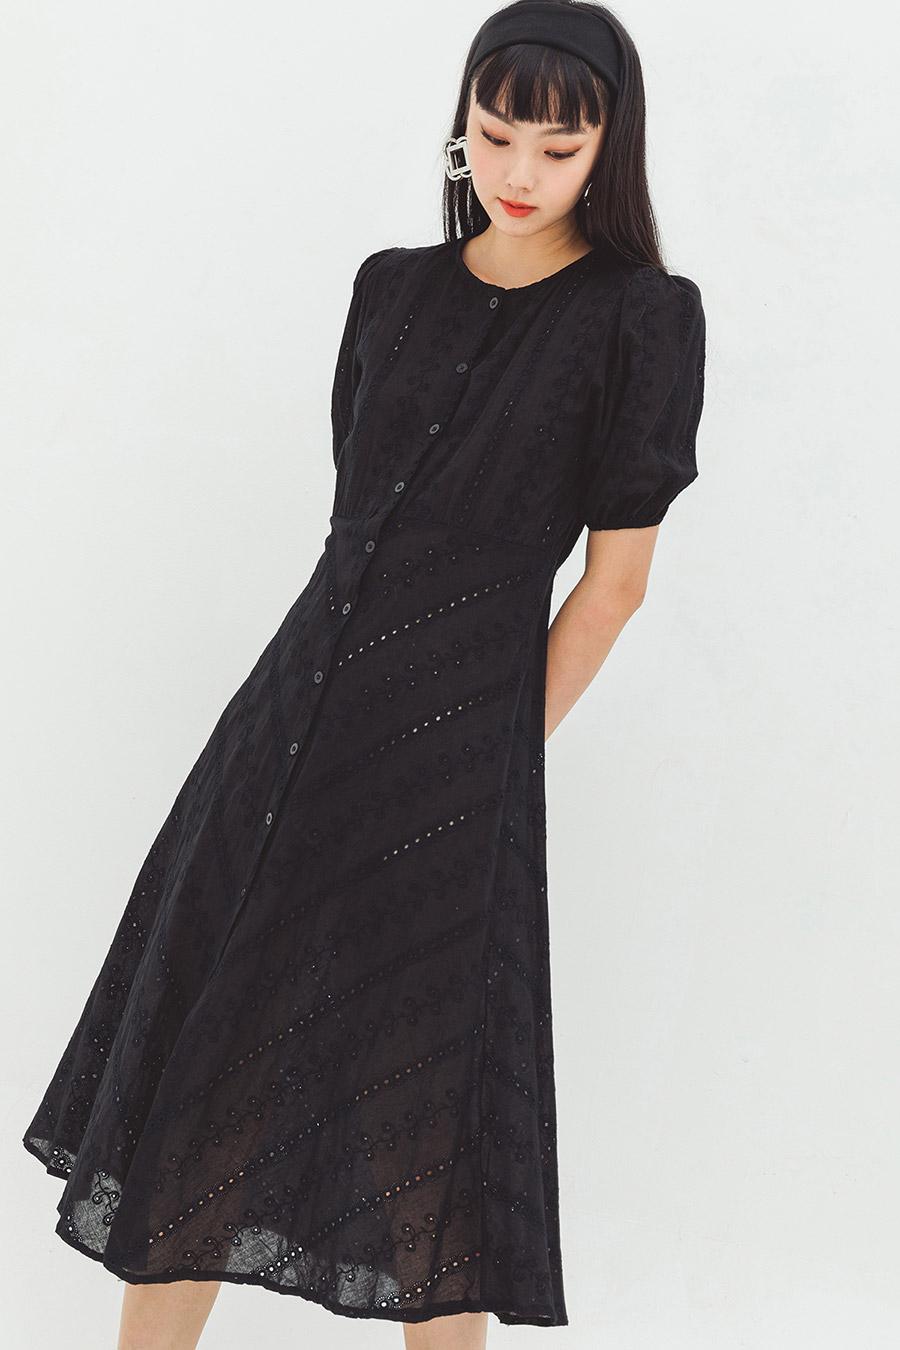 BIVIN DRESS - NOIR